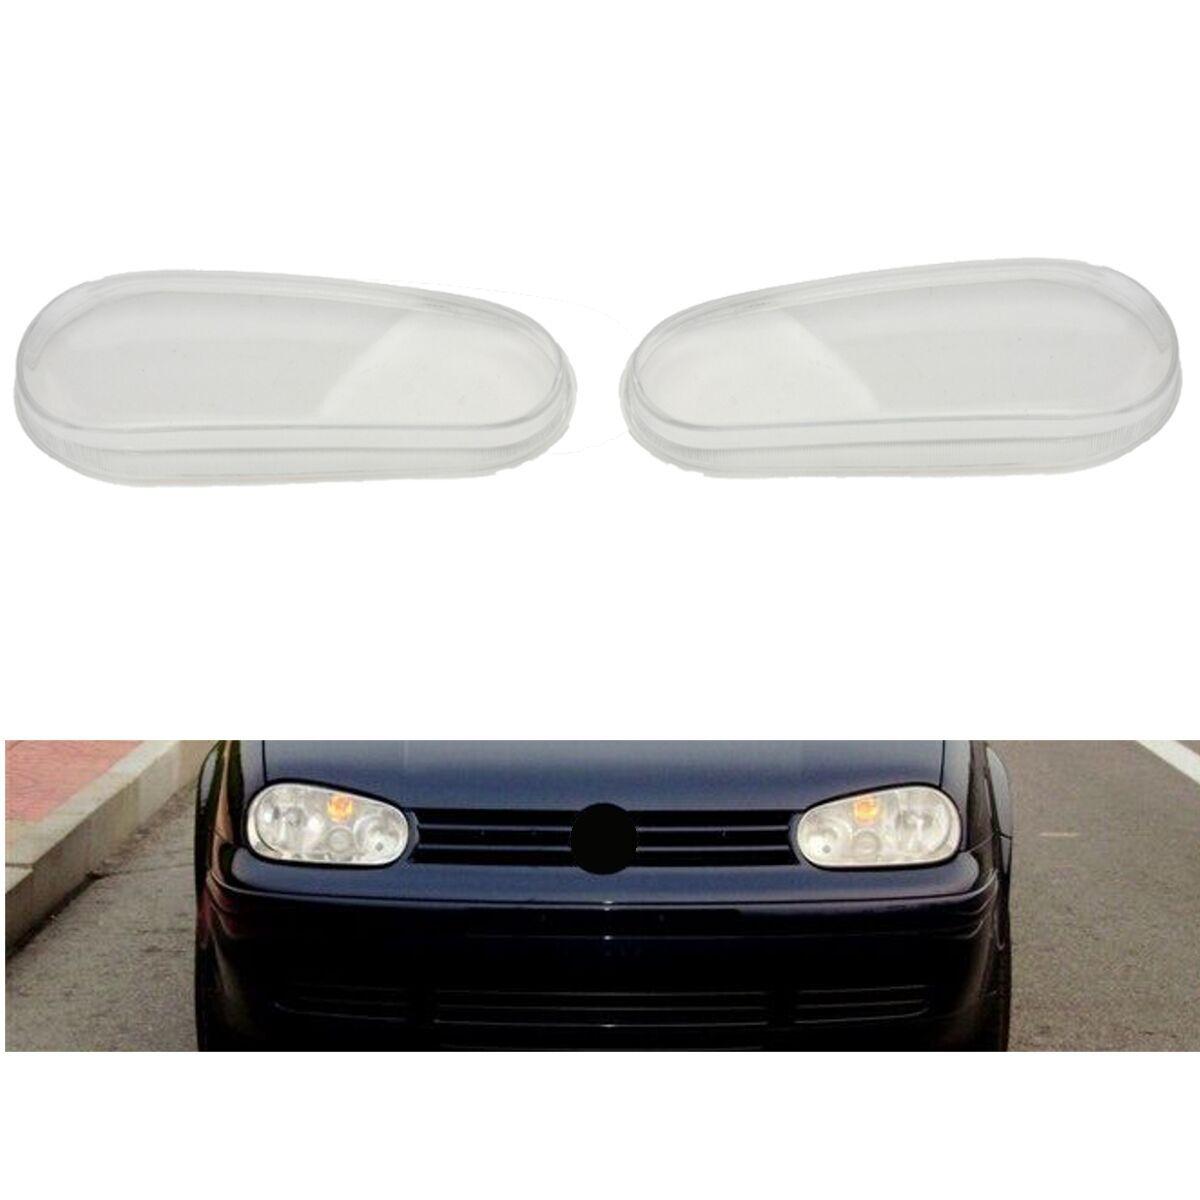 Left/Right Driver Side Car Glass Lens Headlight Lamp Housing Cover For VW MK4 Golf GTI R32 1999 2000 2001 2002 2003 2004 2005